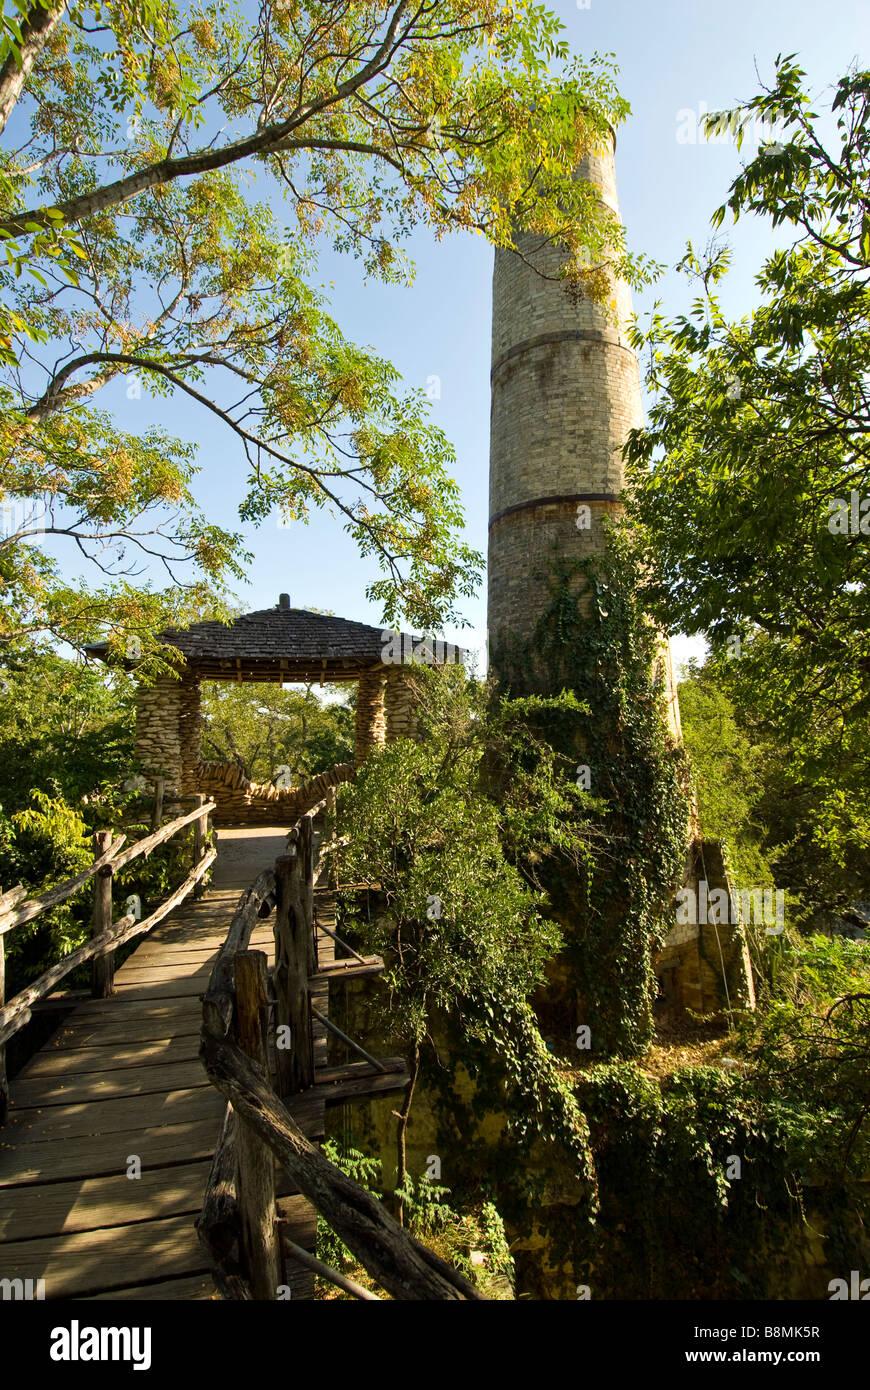 San Antonio Japanese Tea Gardens or Sunken Gardens registered Texas historical landmark - Stock Image